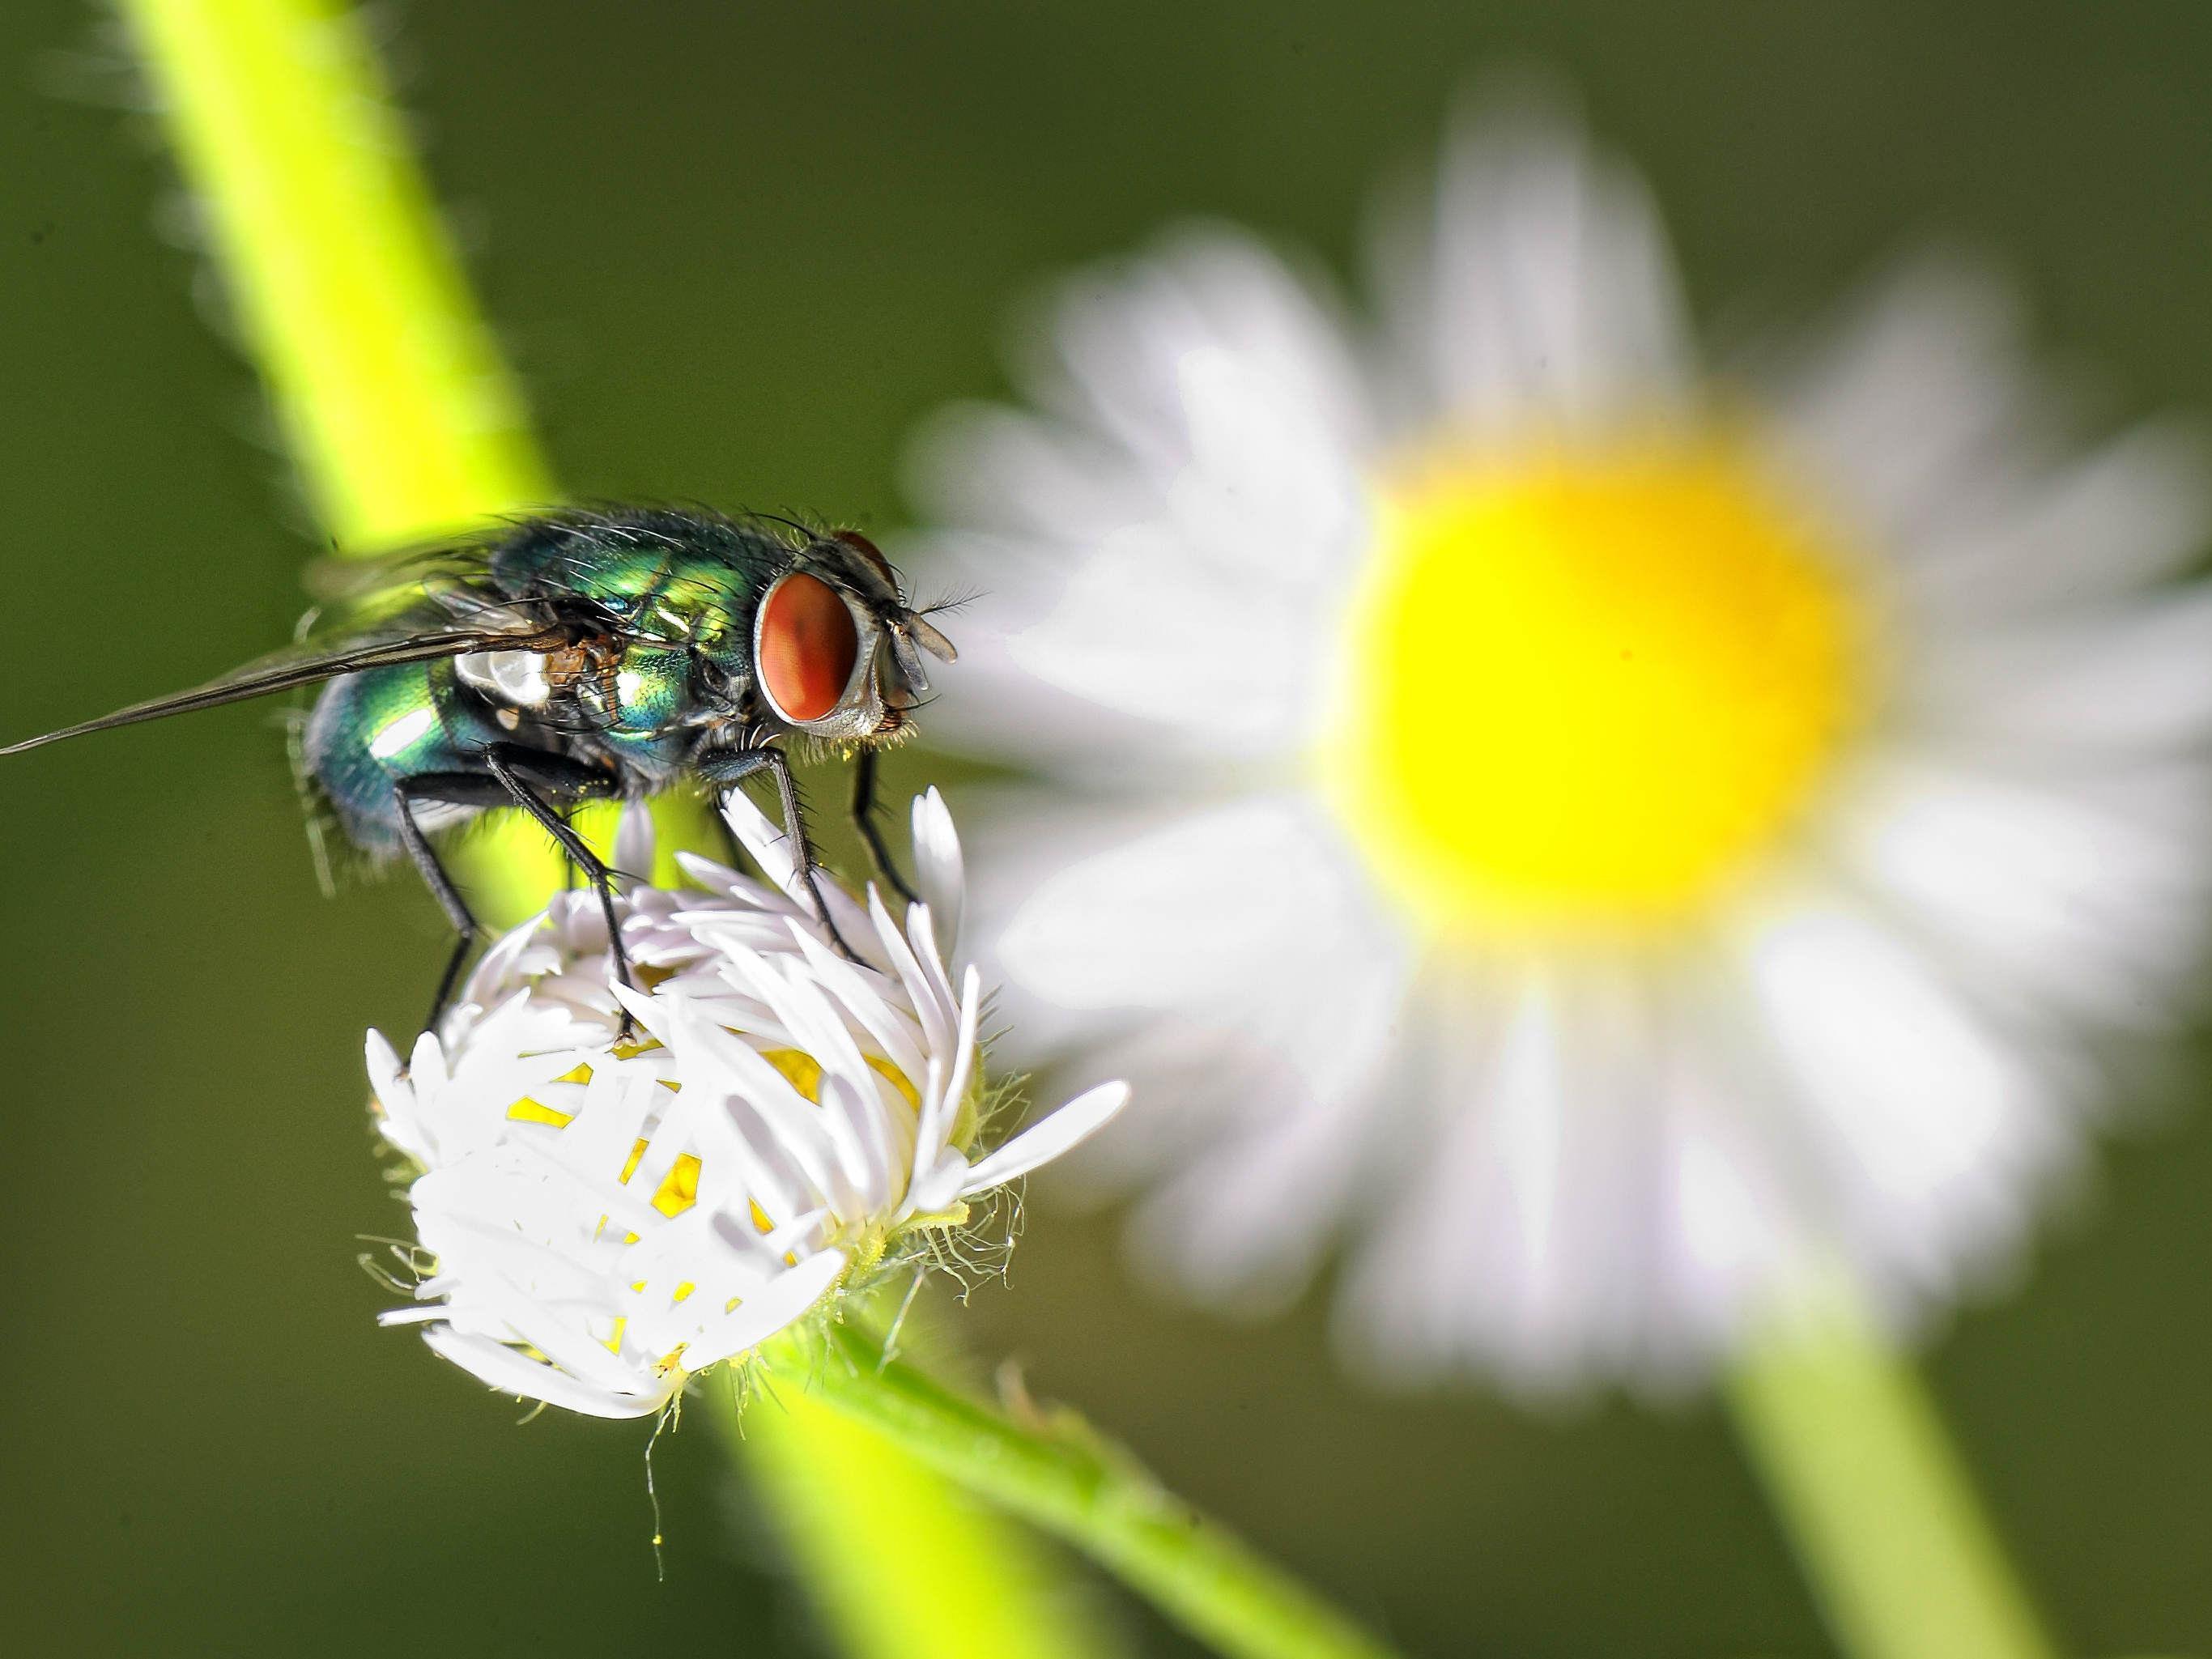 Grellfarben, flink und für Menschen oft unangenehm: Die Schmeißfliegen treten heuer massiv auf.